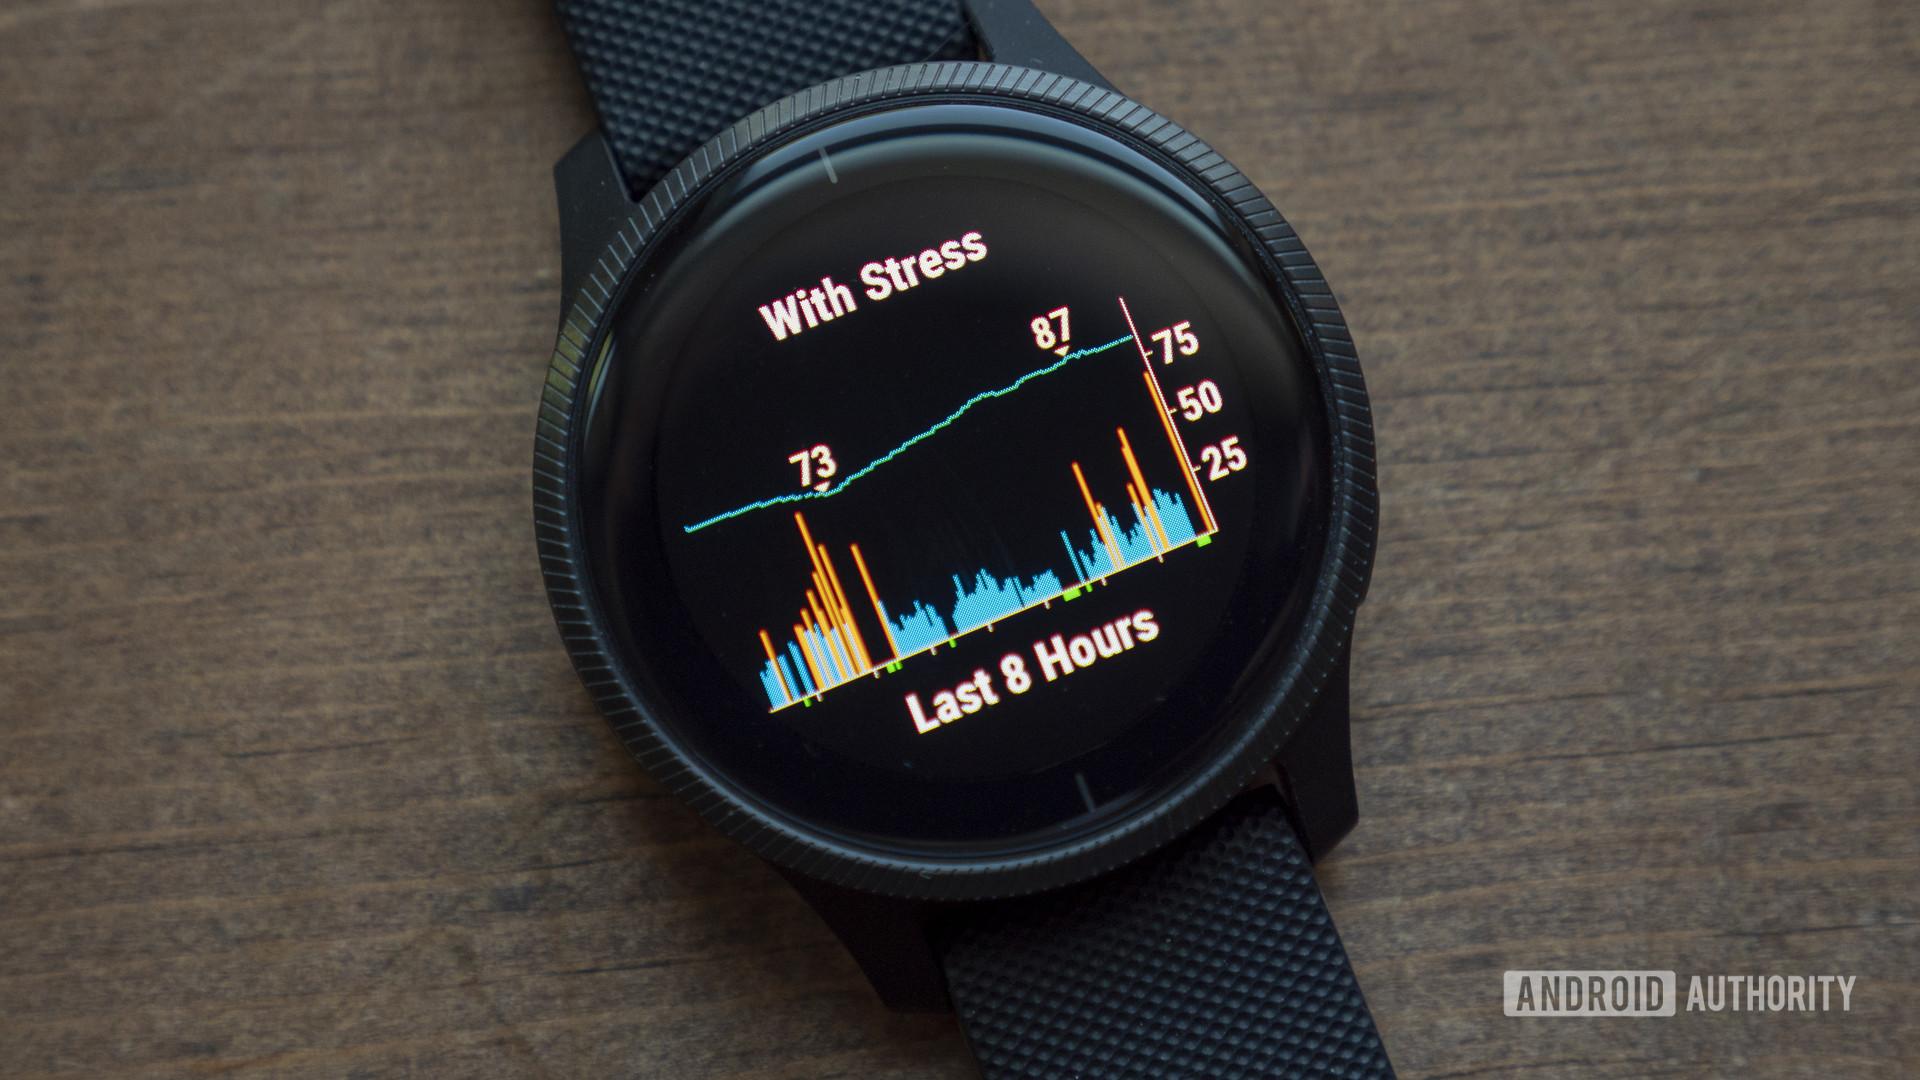 سه راه ساده براي کاهش استرس با استفاده از ساعت هاي گارمين Garmin